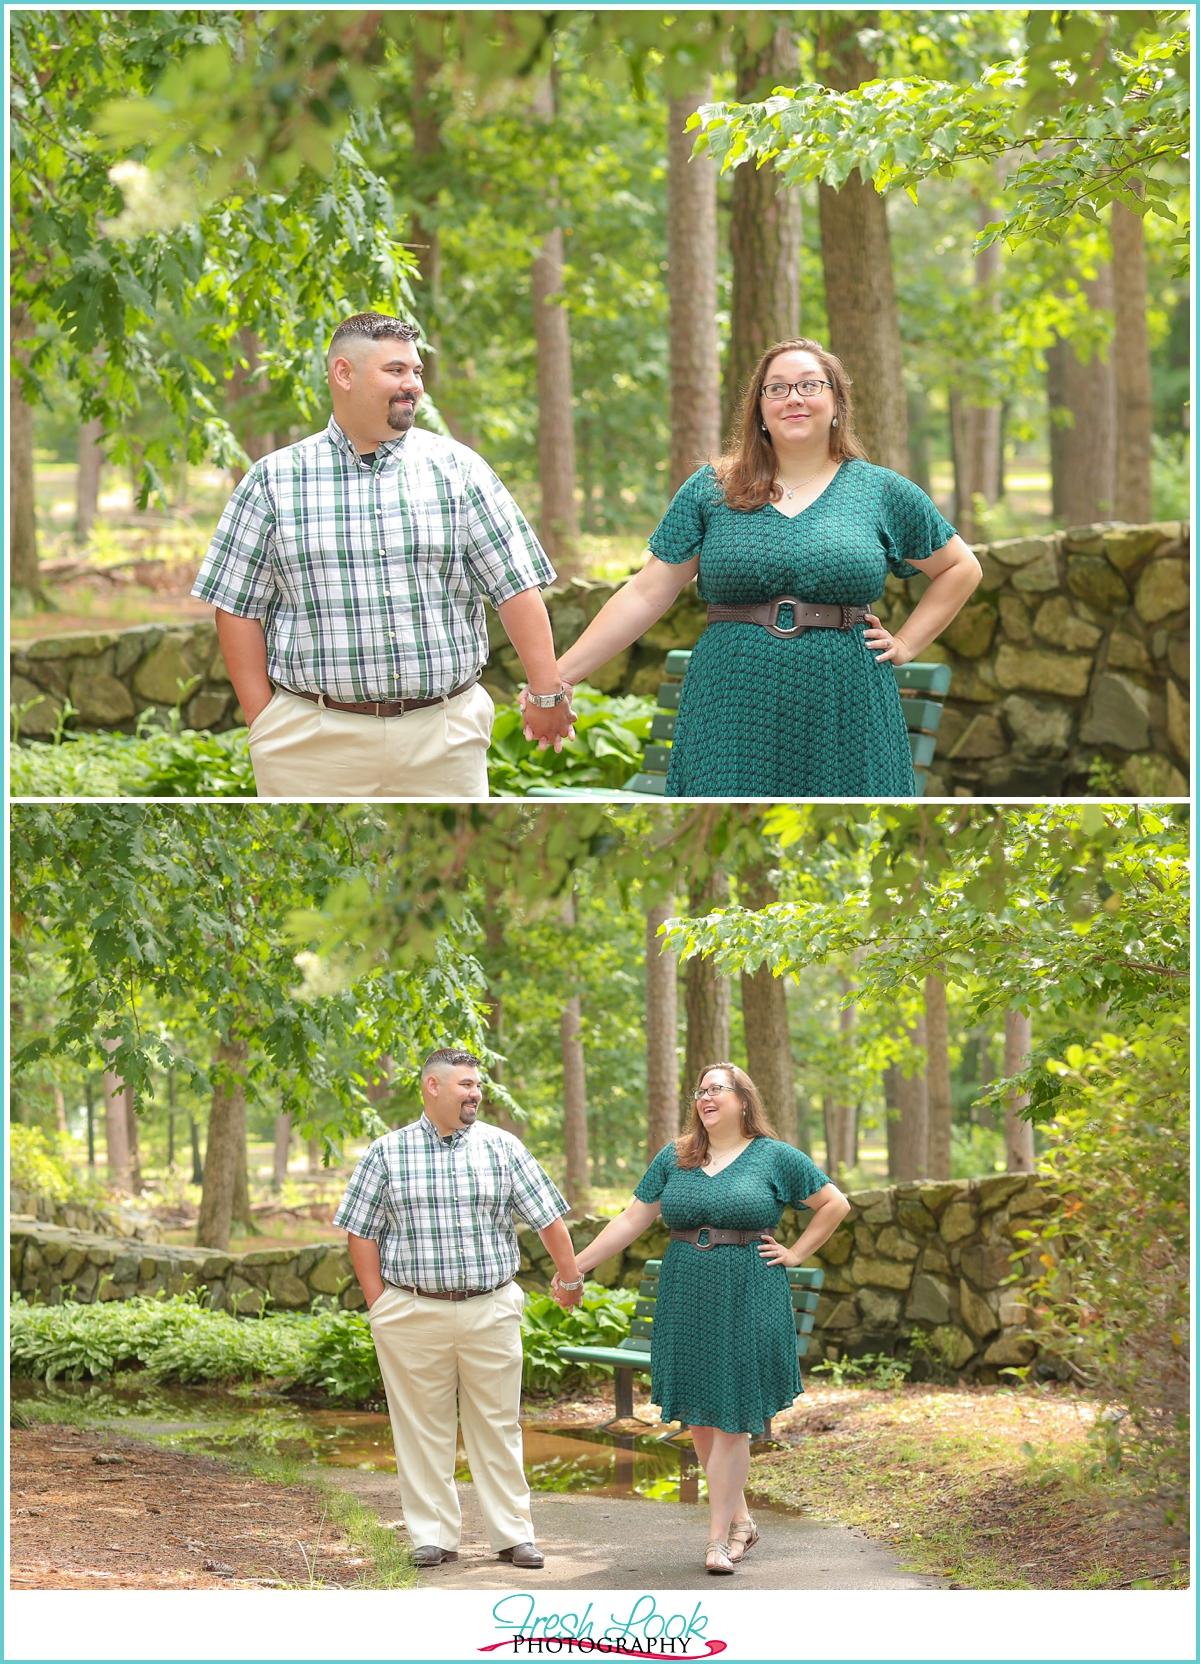 Bayville Farms Park engagement session